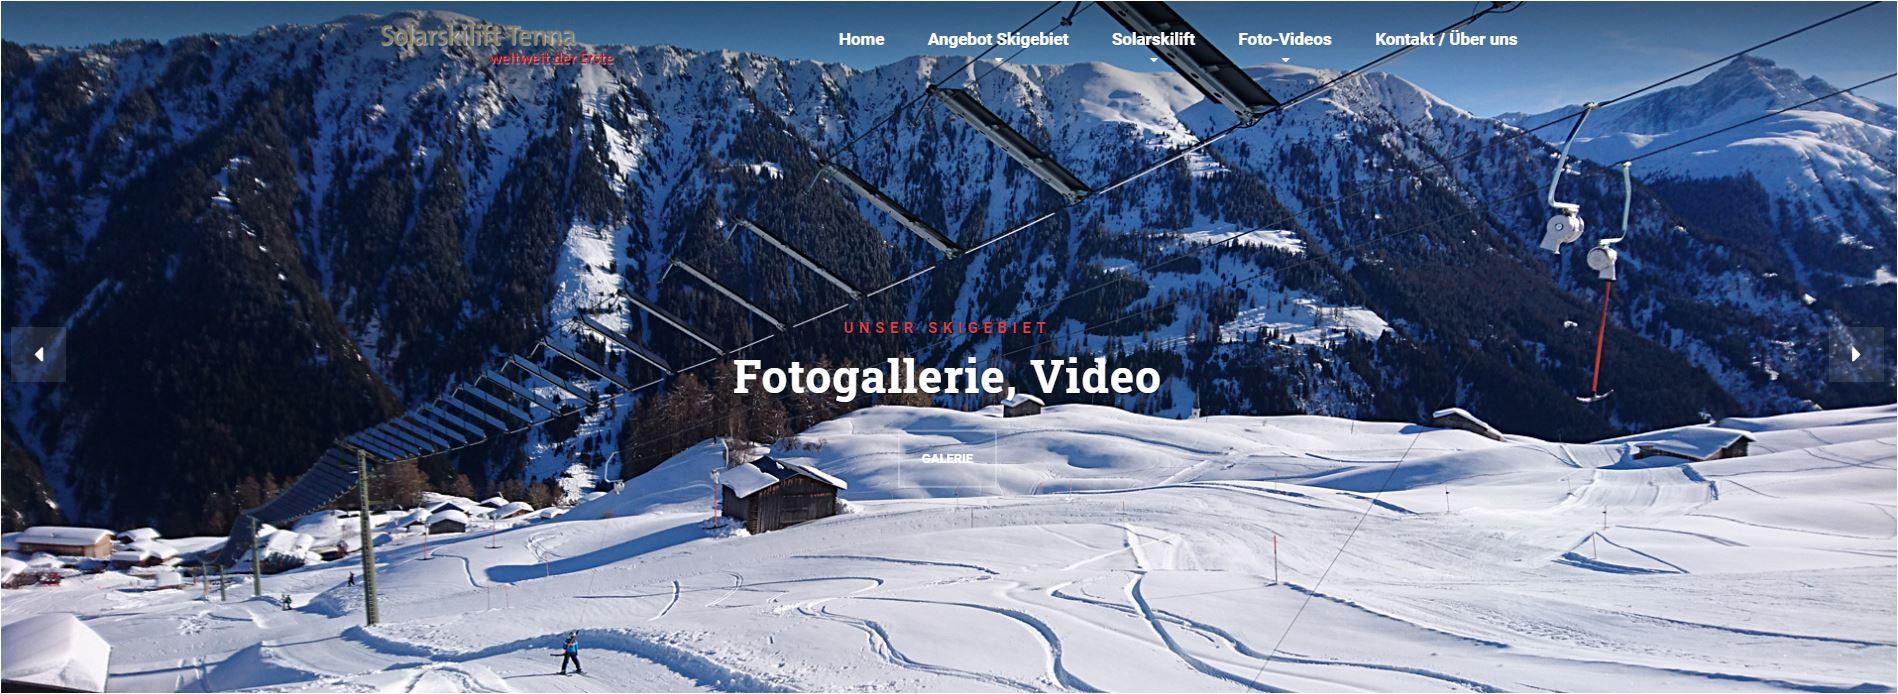 sanfter skiurlaub schweiz